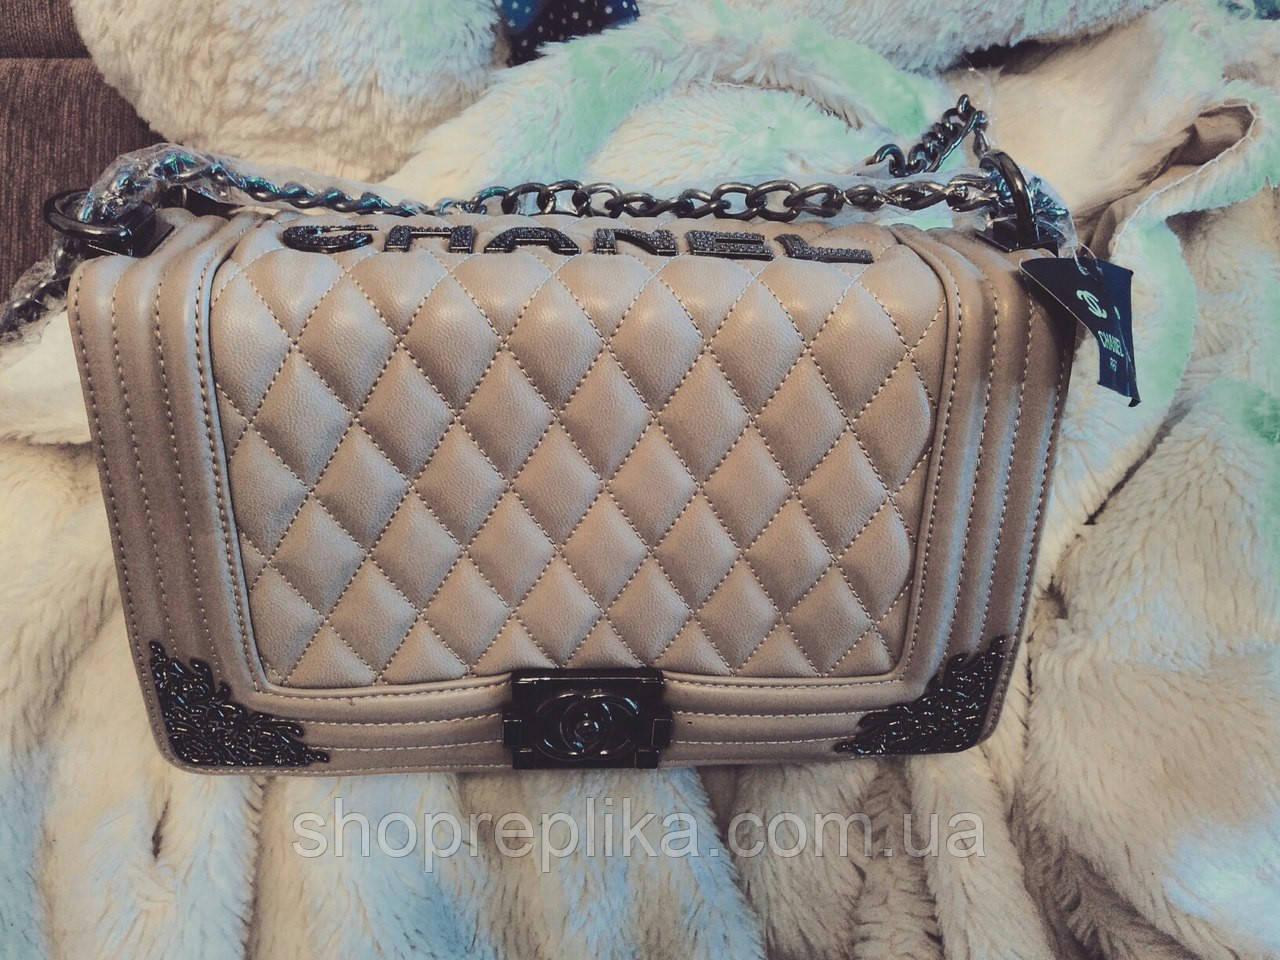 Женская сумка клатч Chanel Le Boy Lux Midi Бежевая - Интернет магазин  любимых брендов